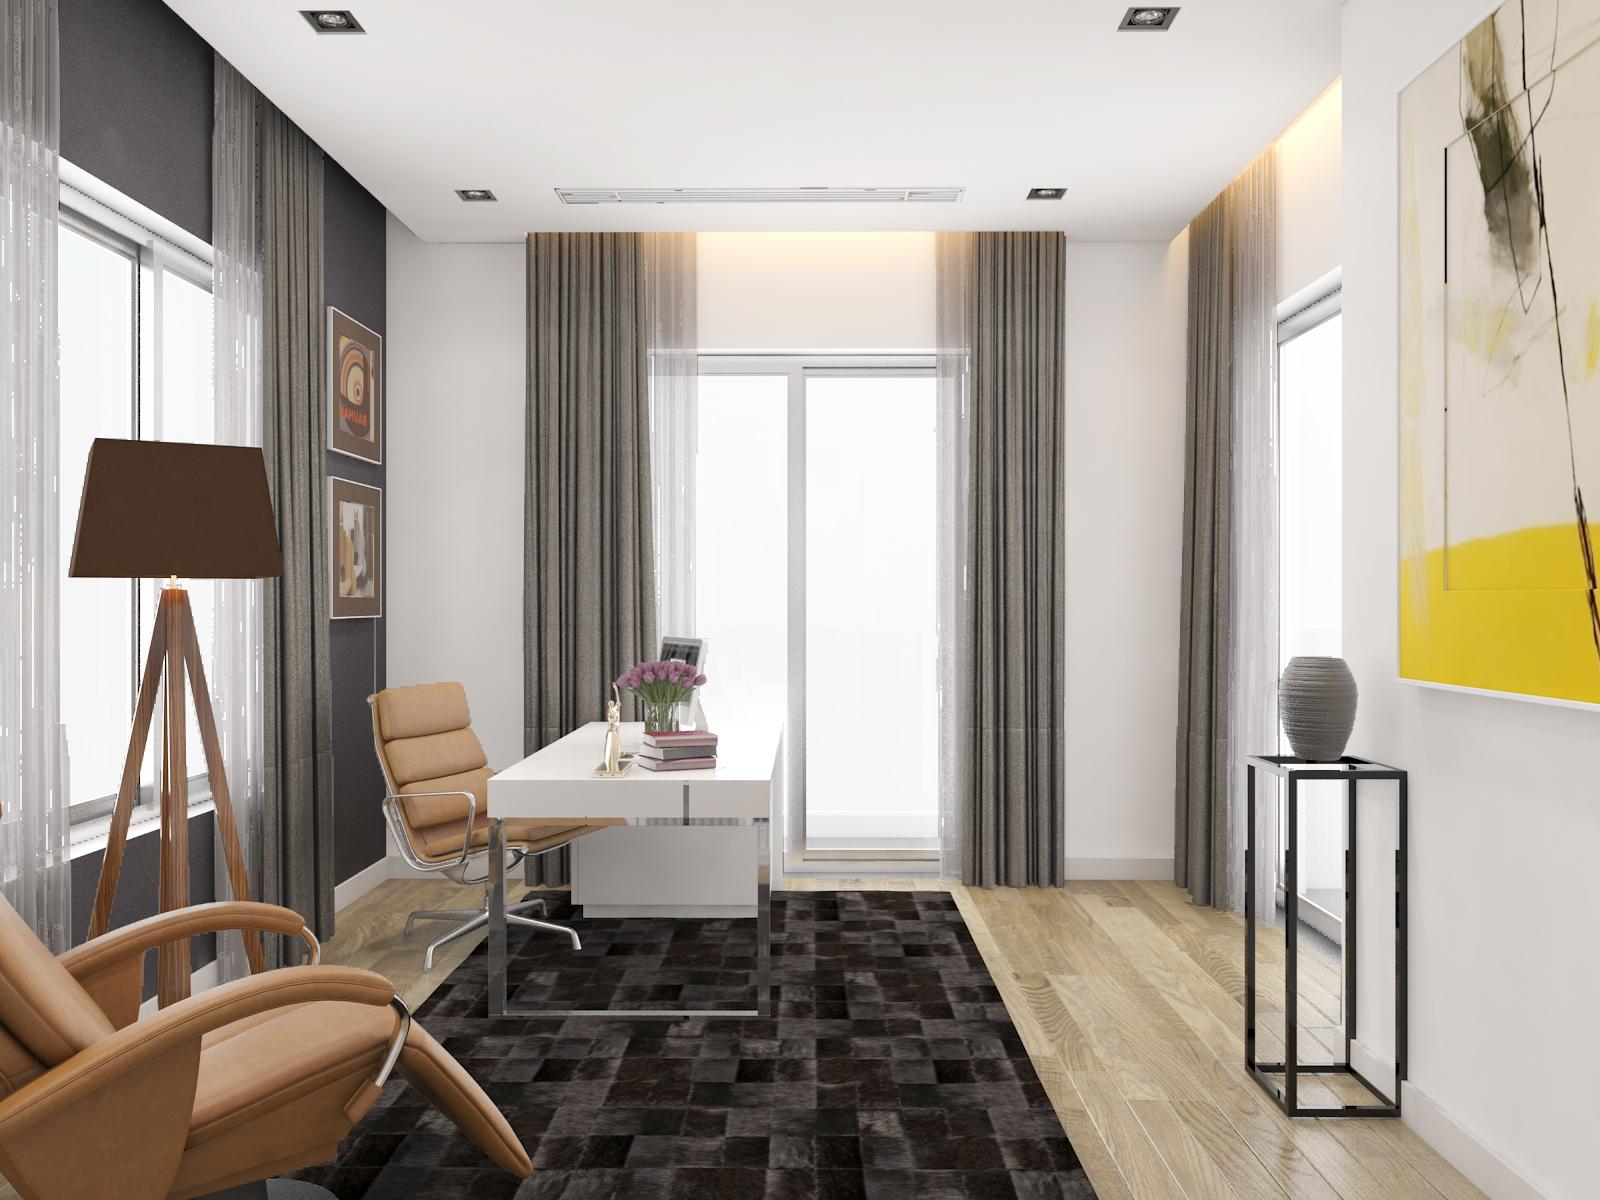 thiết kế nội thất Biệt Thự tại Hà Nội bt Vinhomes - riverside 42 1568085370